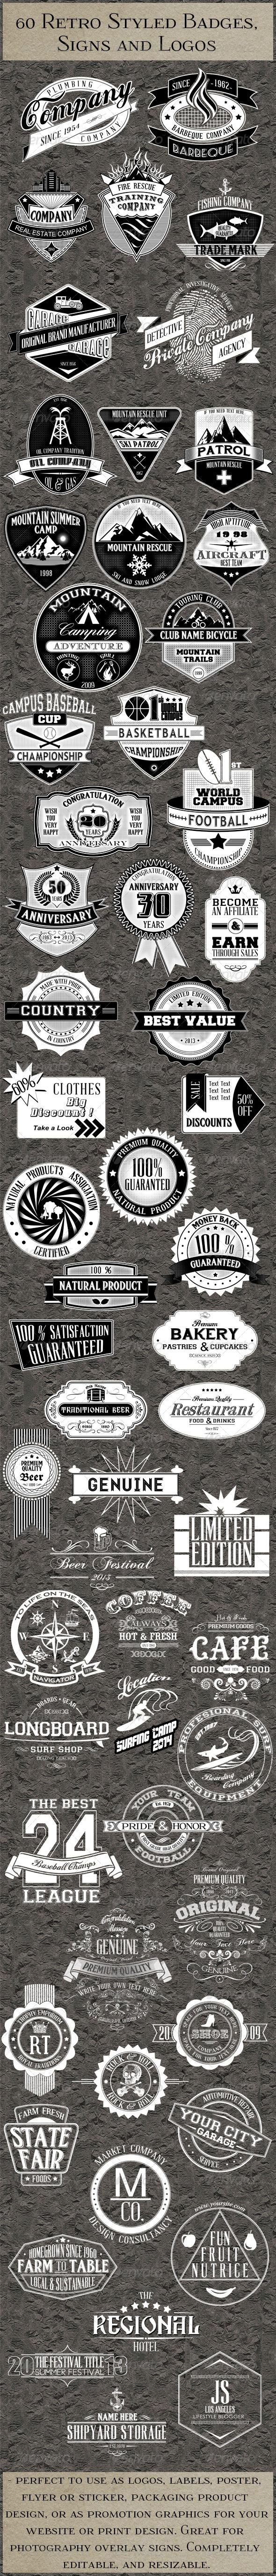 GraphicRiver 60 Retro Badges Logos Insignias 6300304